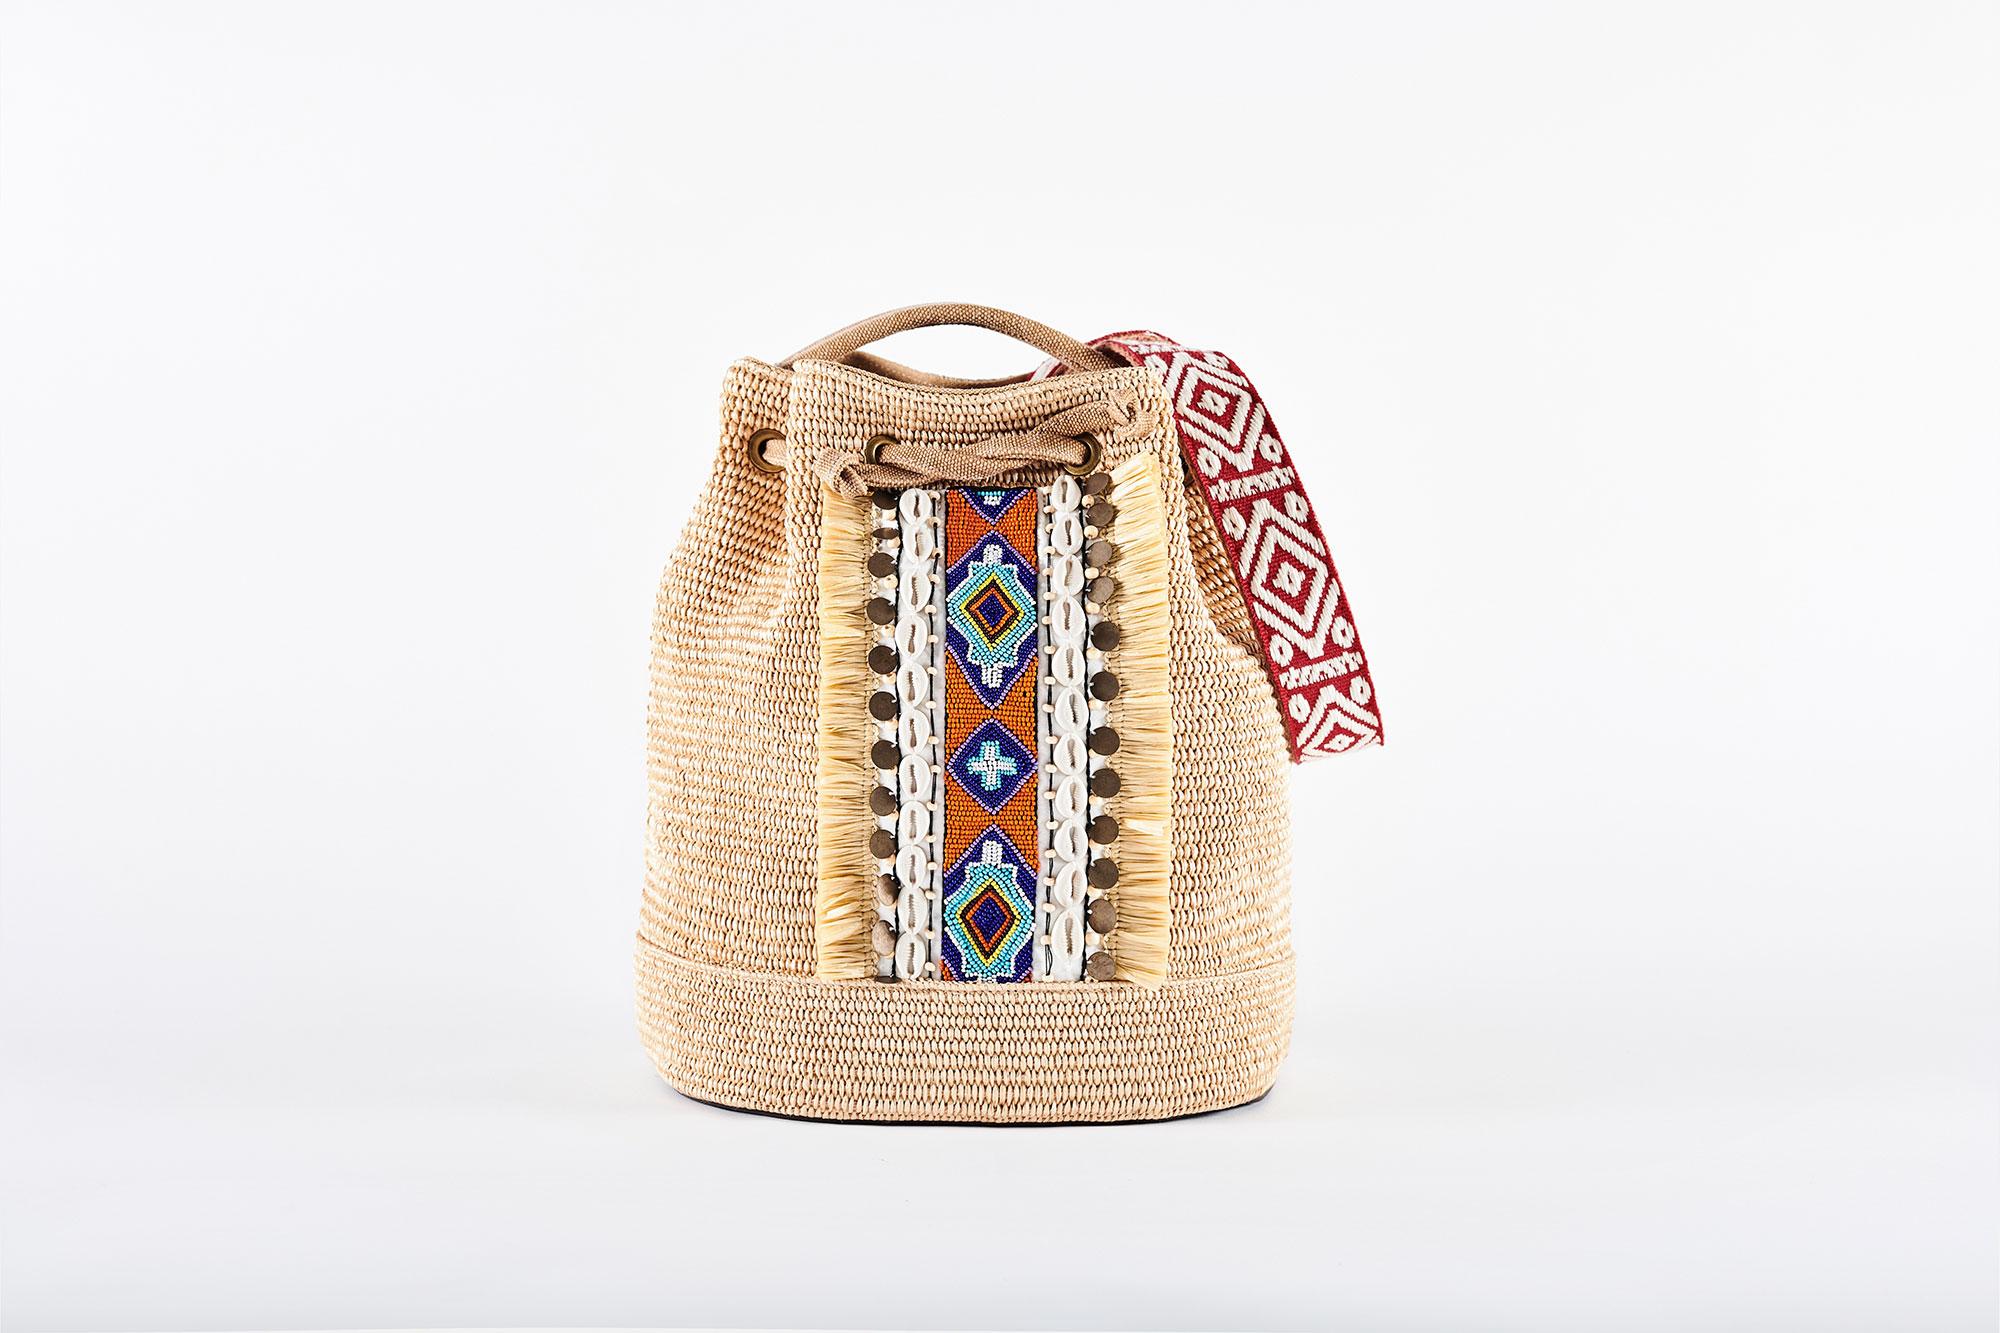 viamailbag-basket-etnic-e03